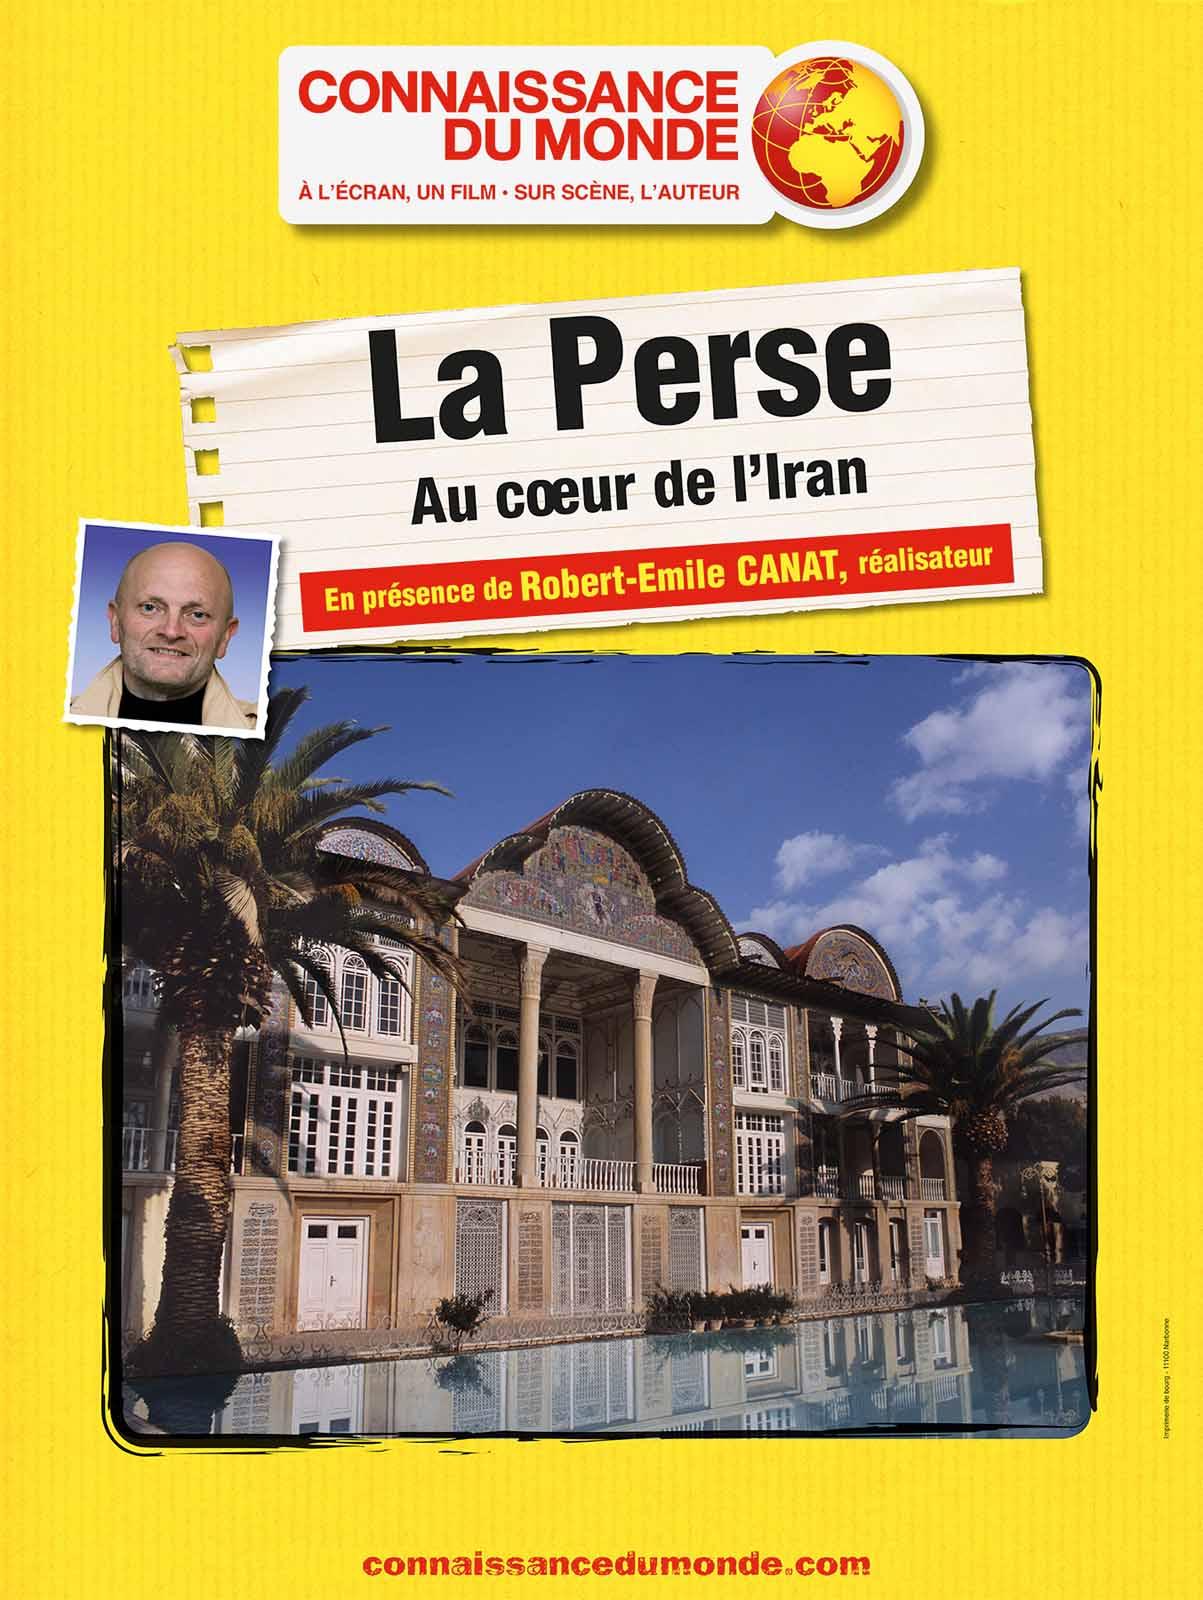 La Perse - Au cour de l'Iran